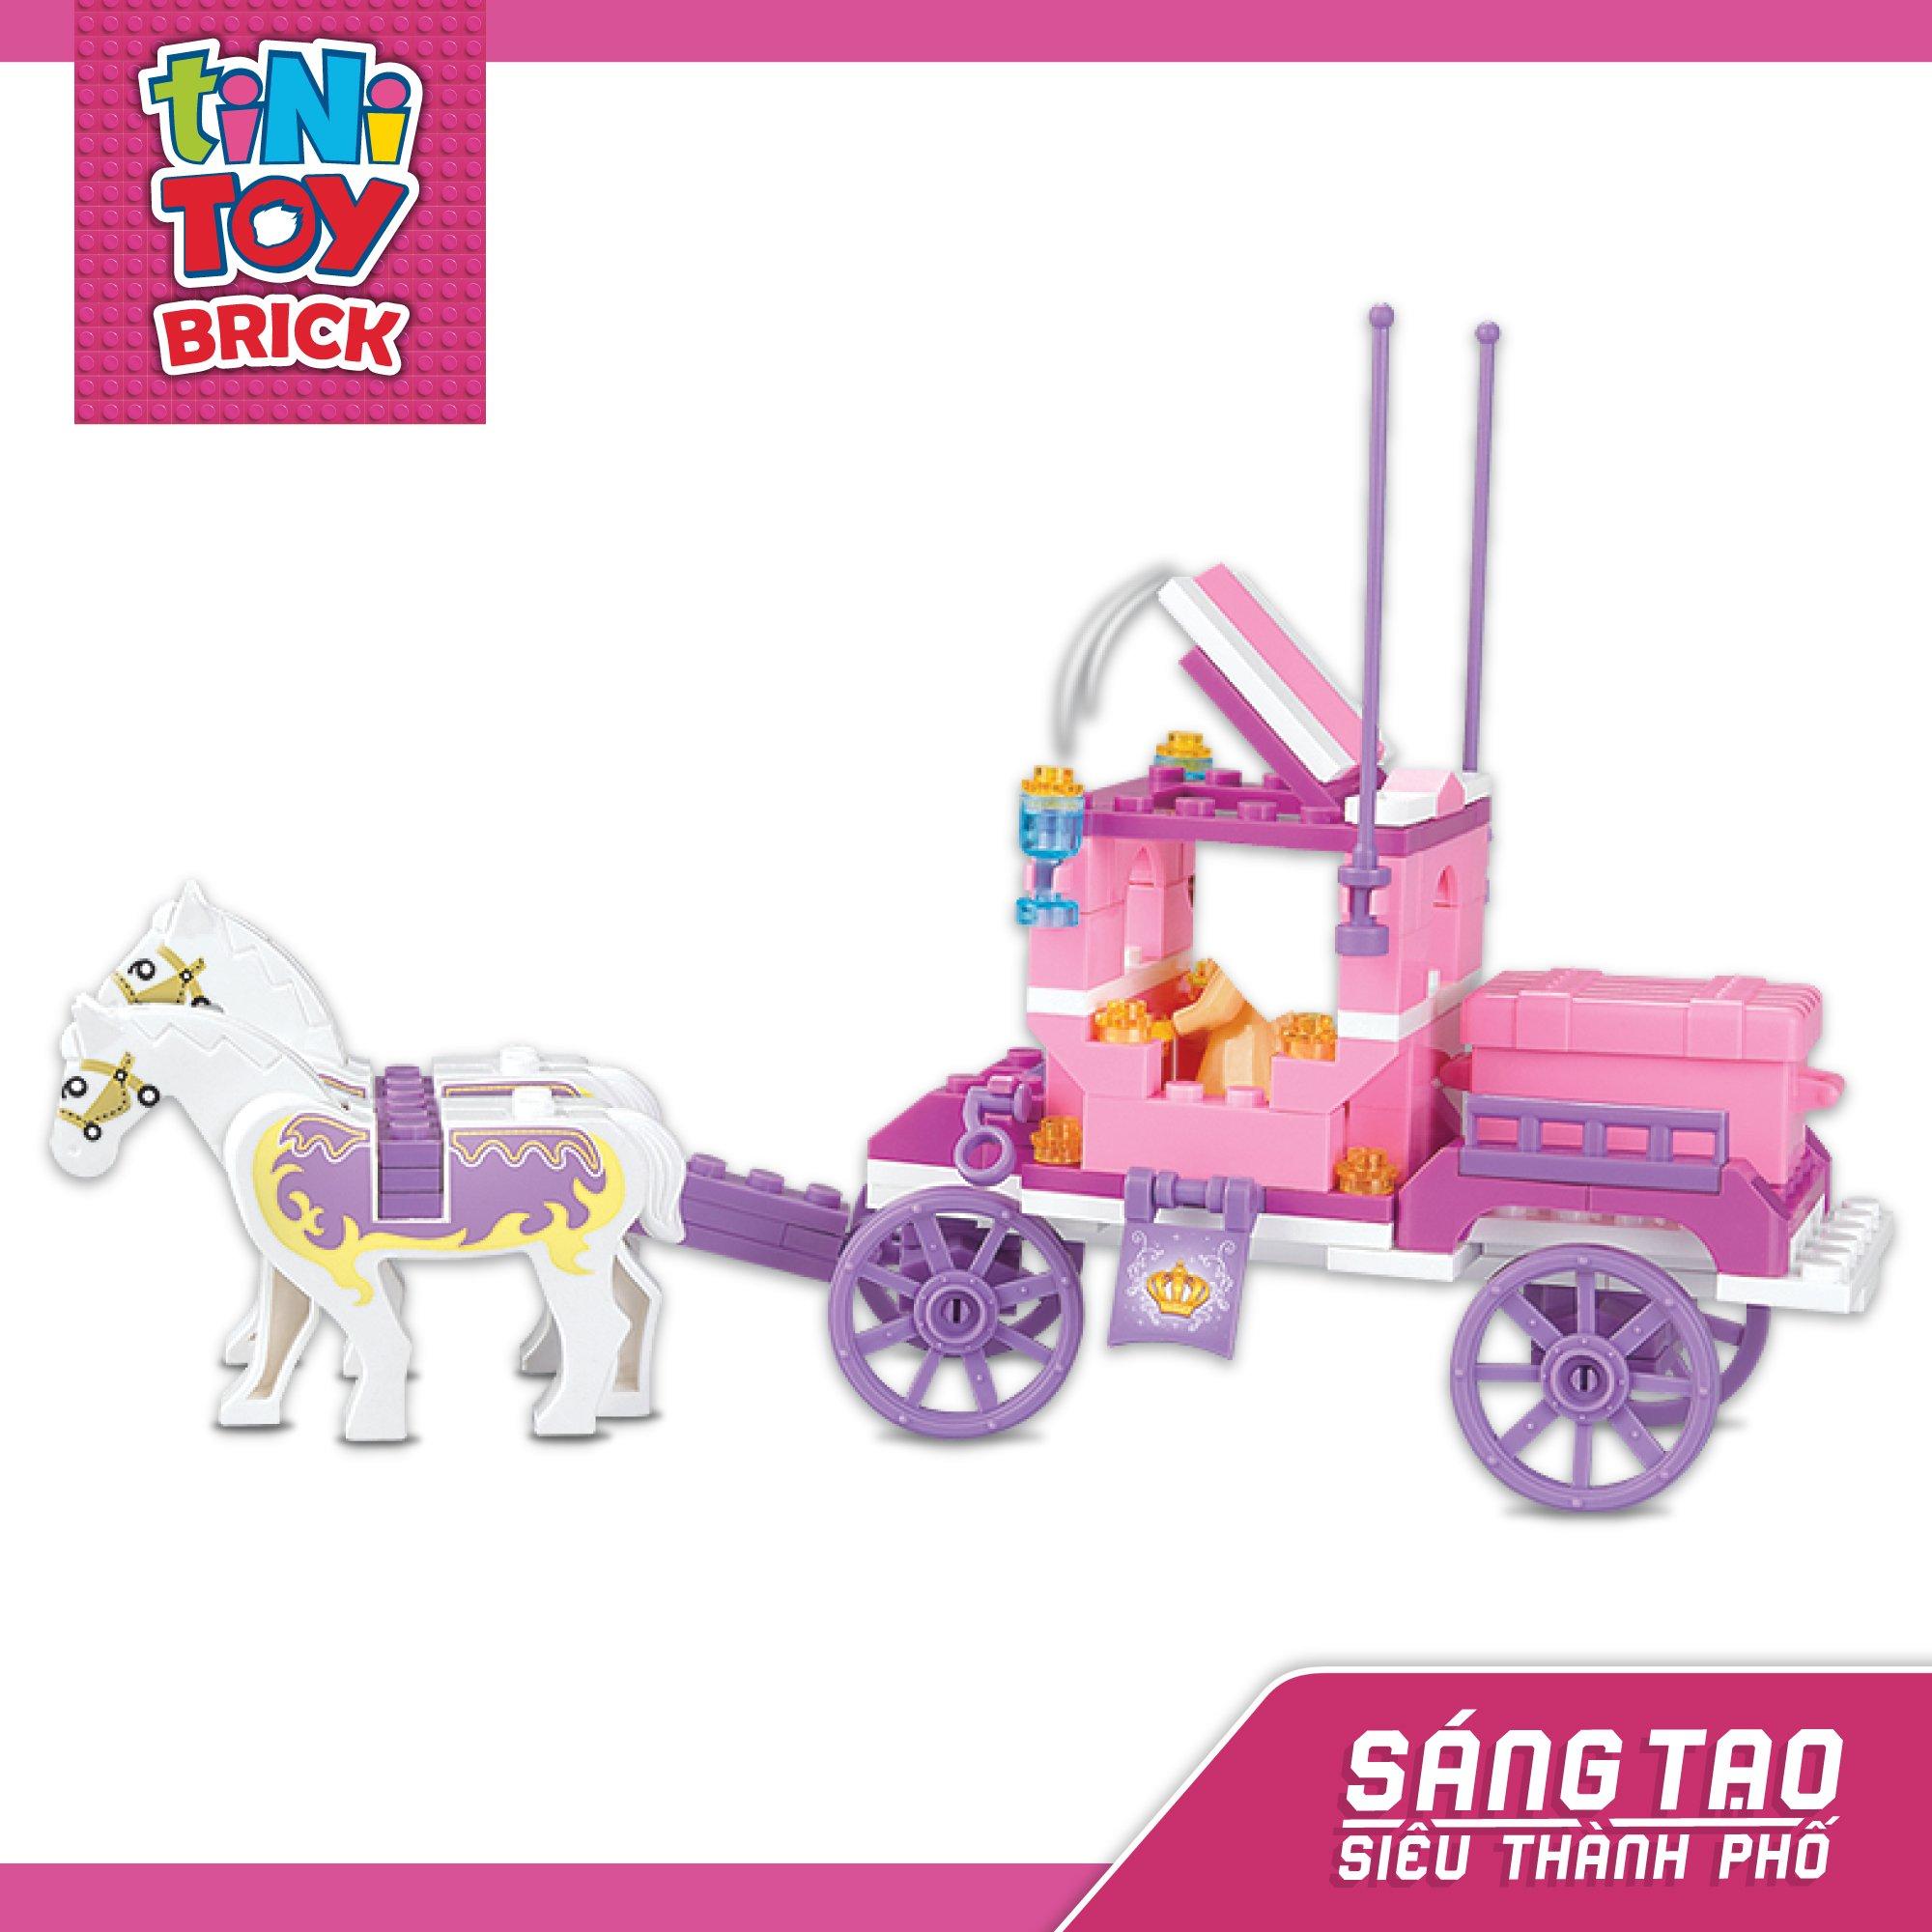 Đồ chơi lắp ráp cổ xe ngựa hoàng gia TINITOY BRICK (137 pcs)